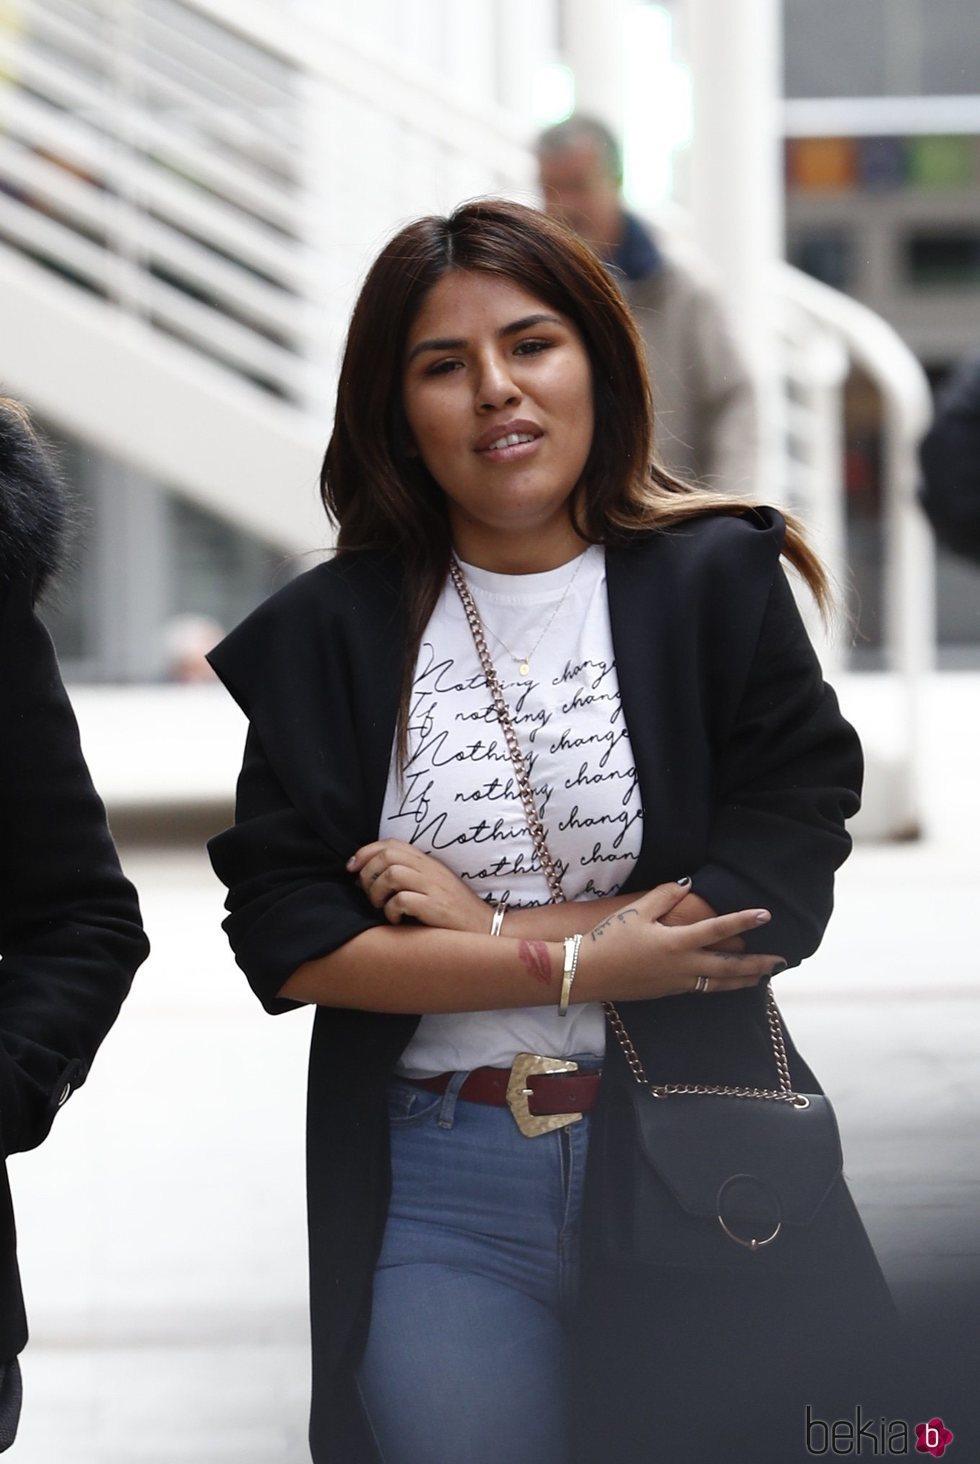 Chabelita Pantoja en los Juzgados de Alcobendas para su juicio contra Paz Guerra